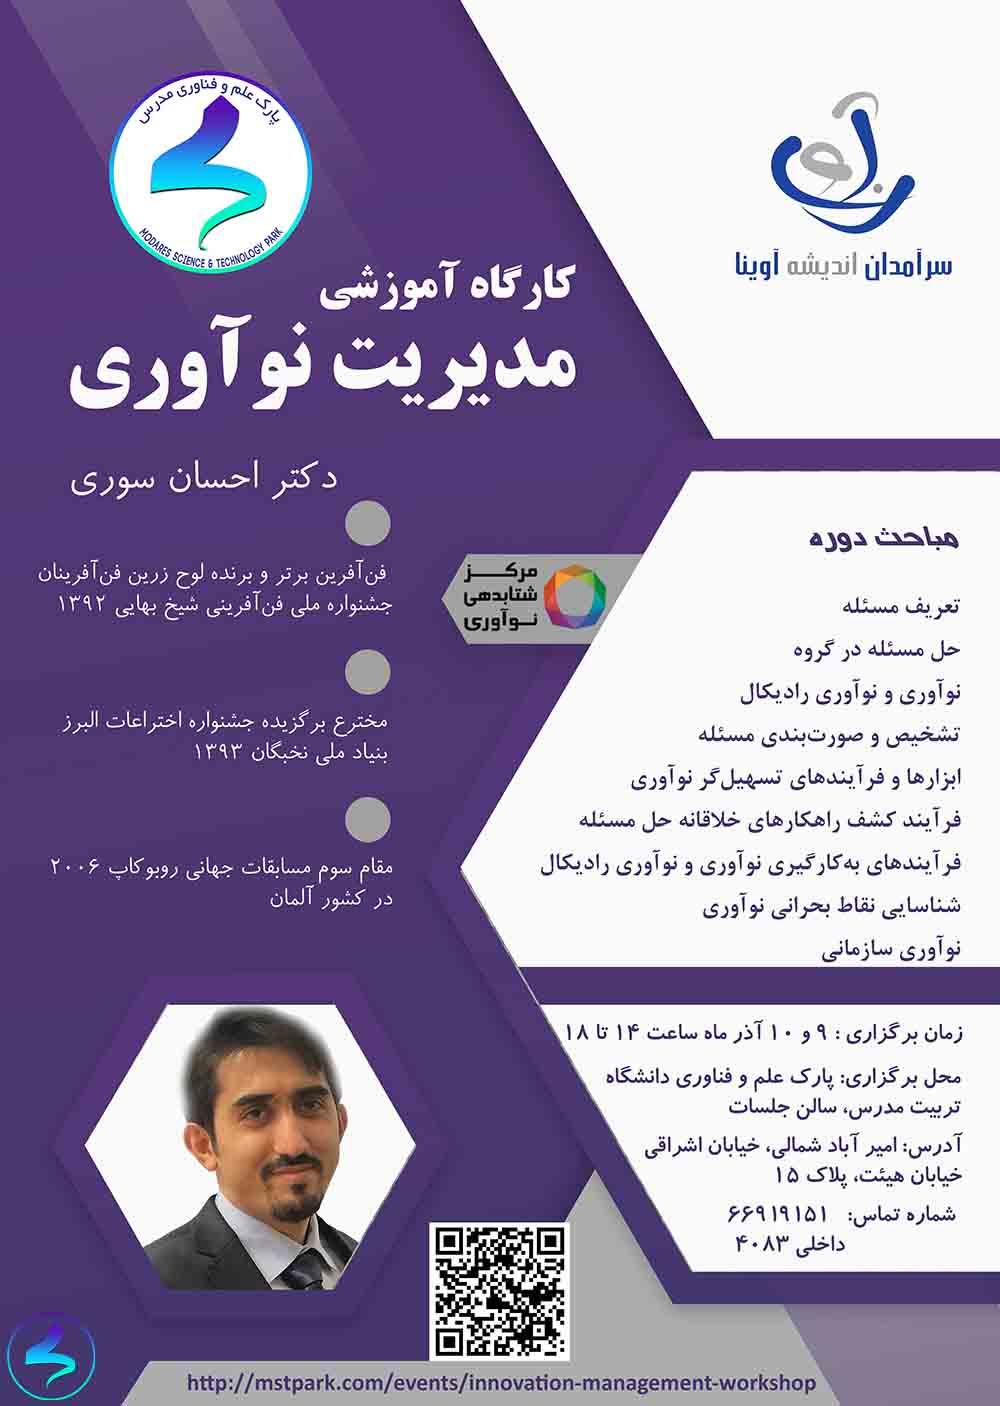 رویداد «کارگاه آموزشی مدیریت نوآوری»